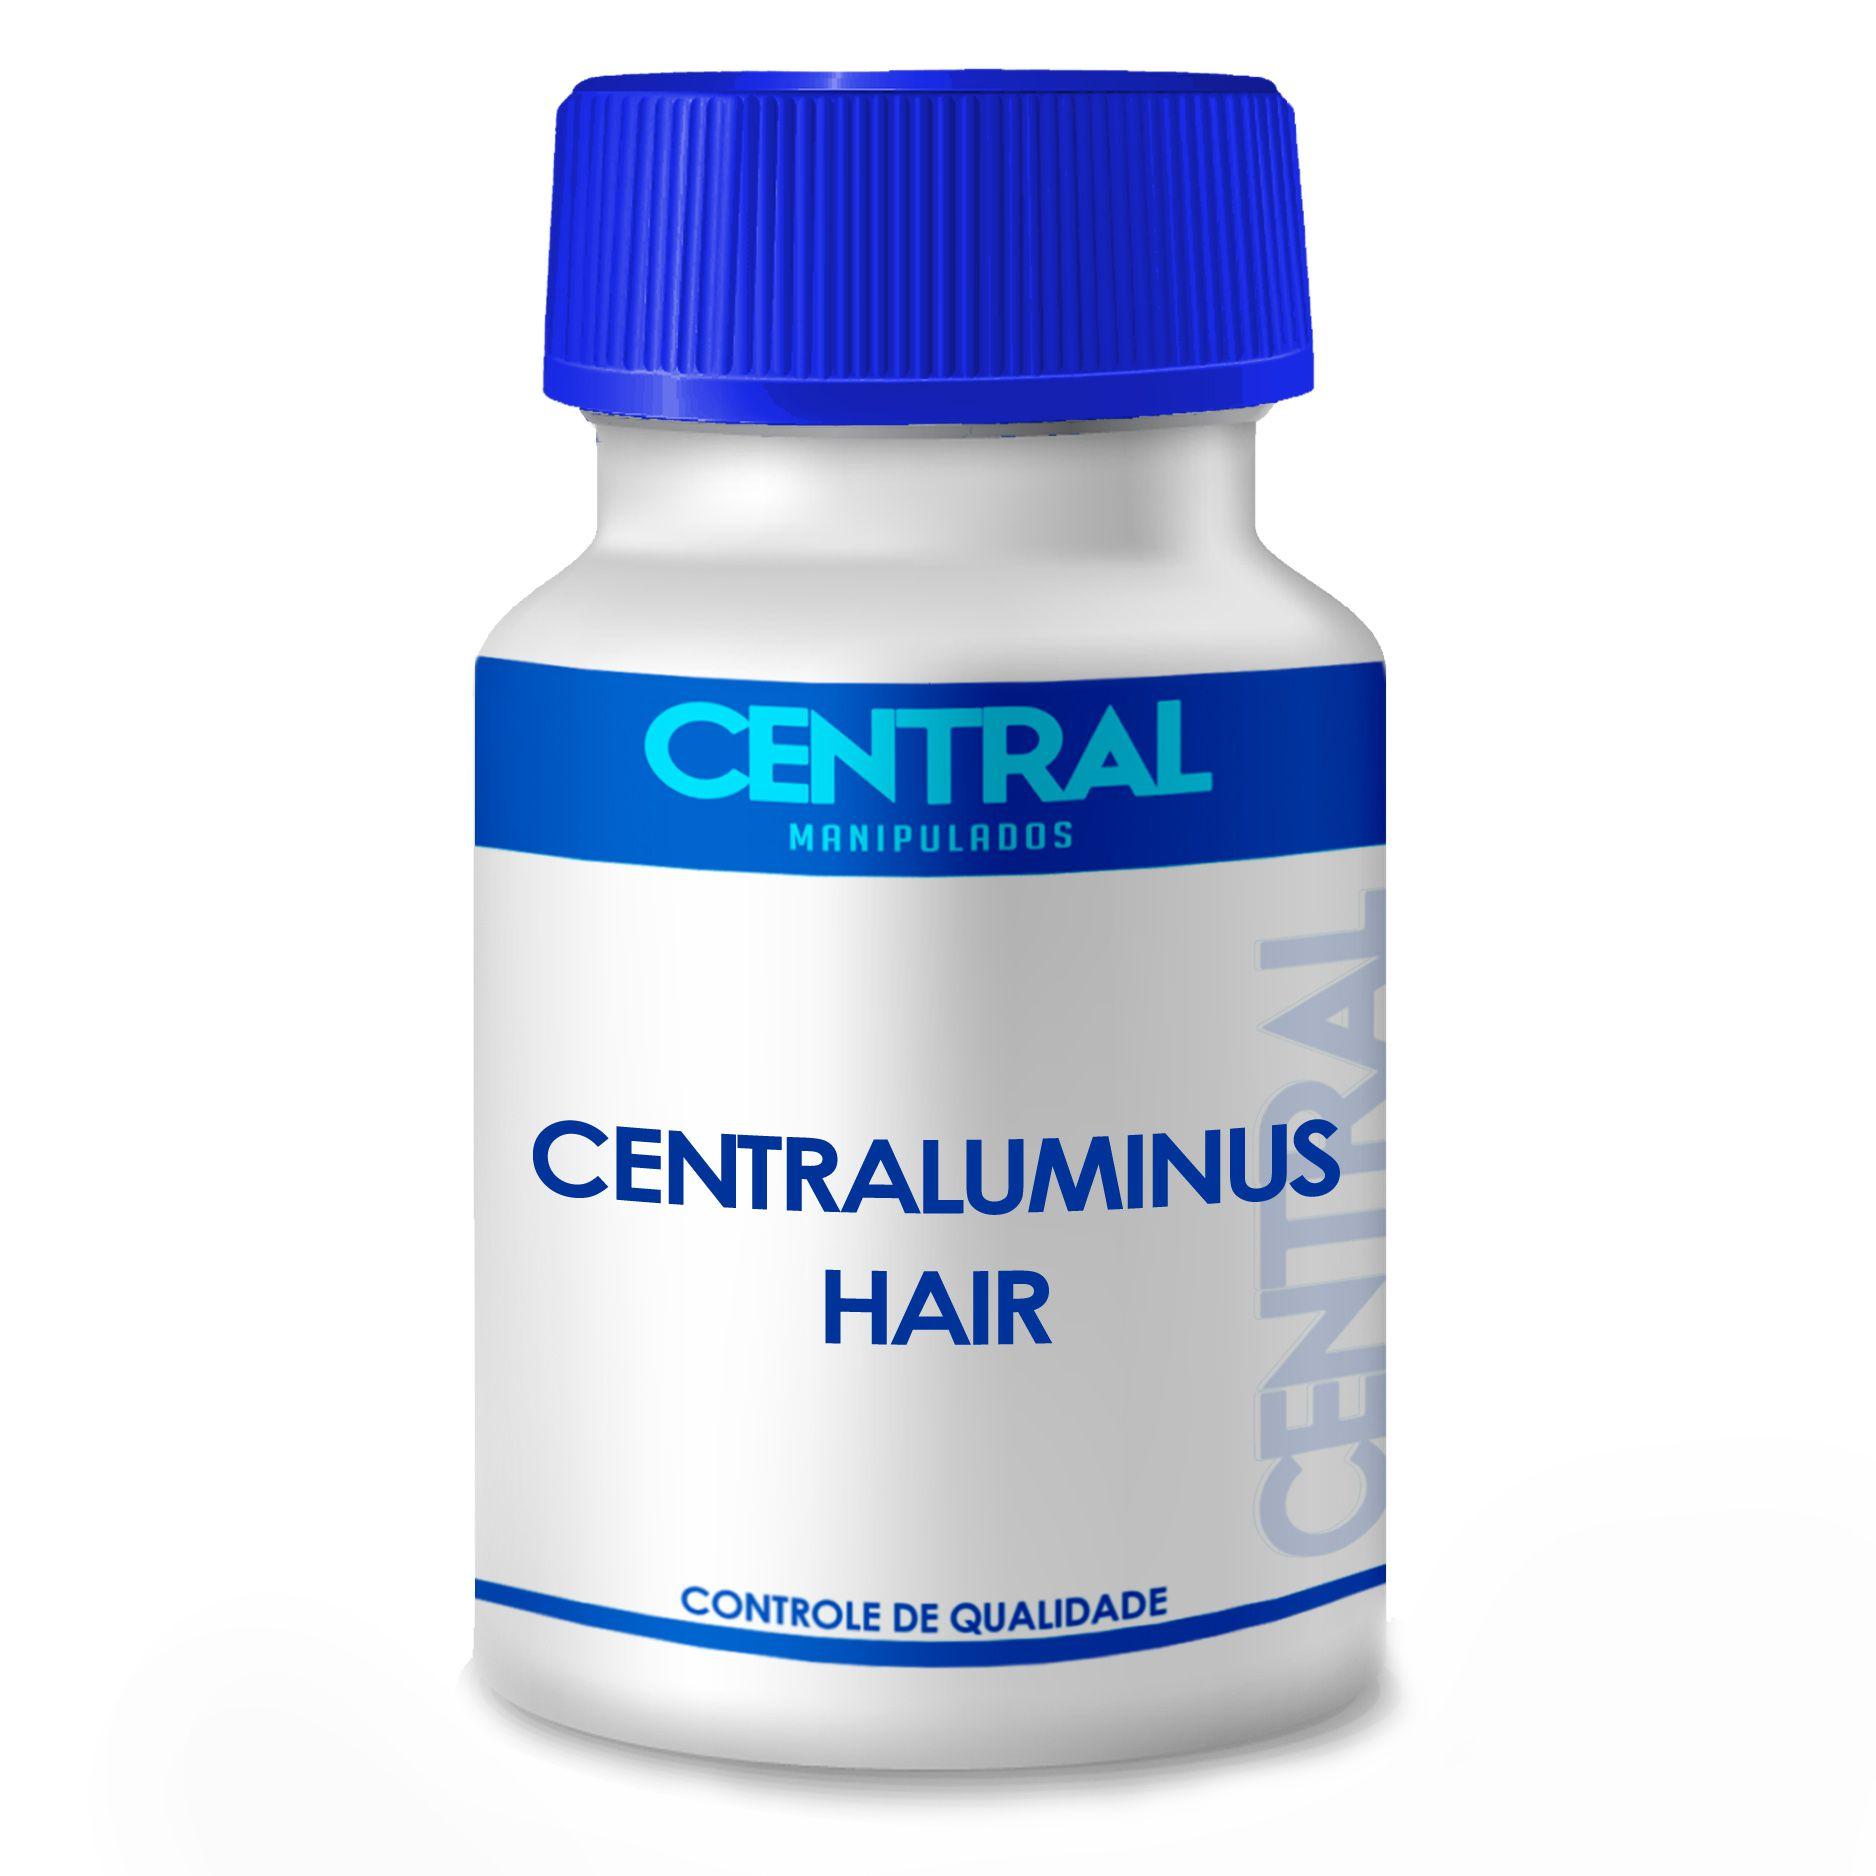 Centraluminus Hair - Brilho e Beleza dos Cabelos - 120 cápsulas